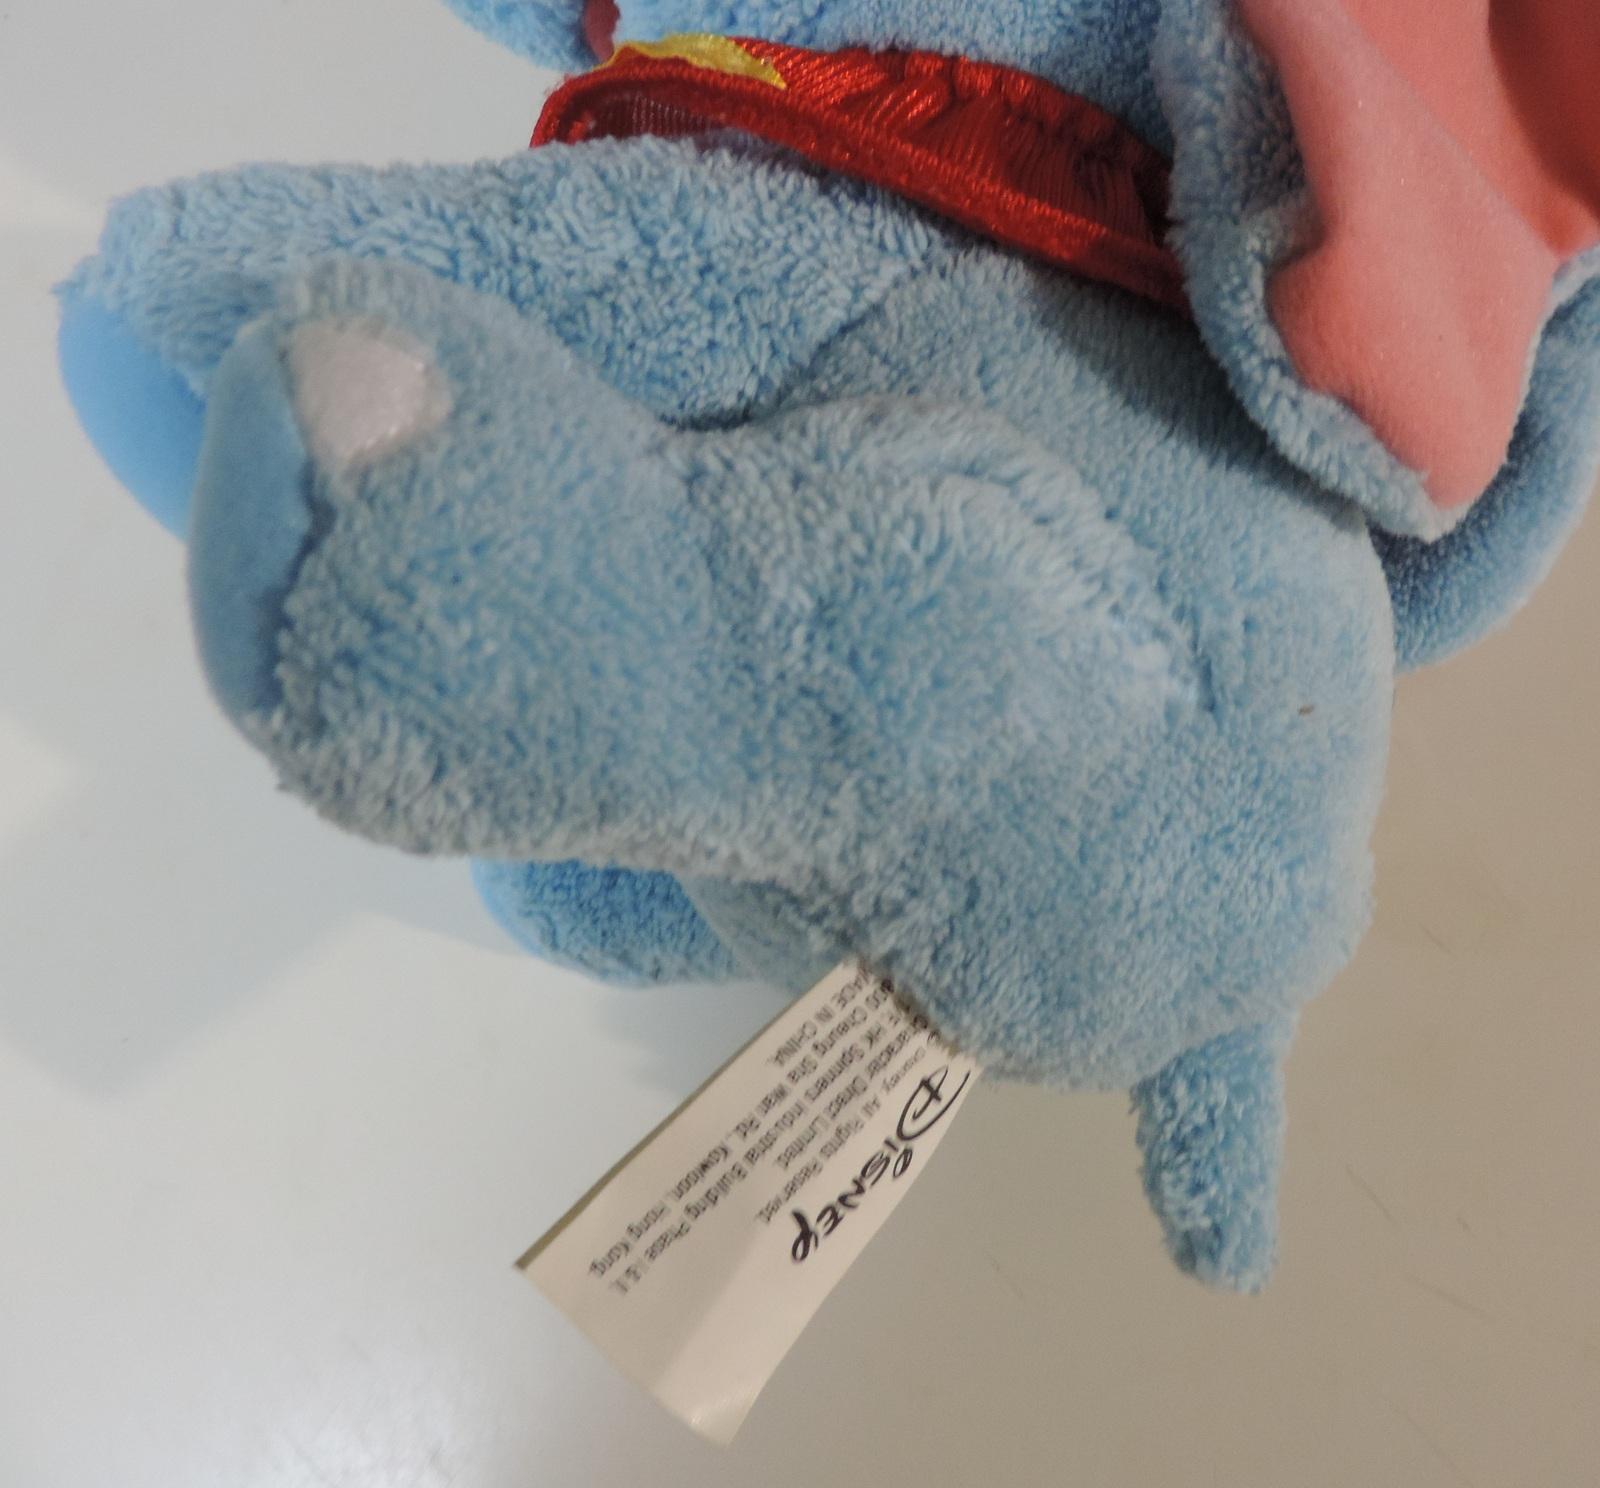 Disney Dumbo 6 inch plush elephant - Like New image 4